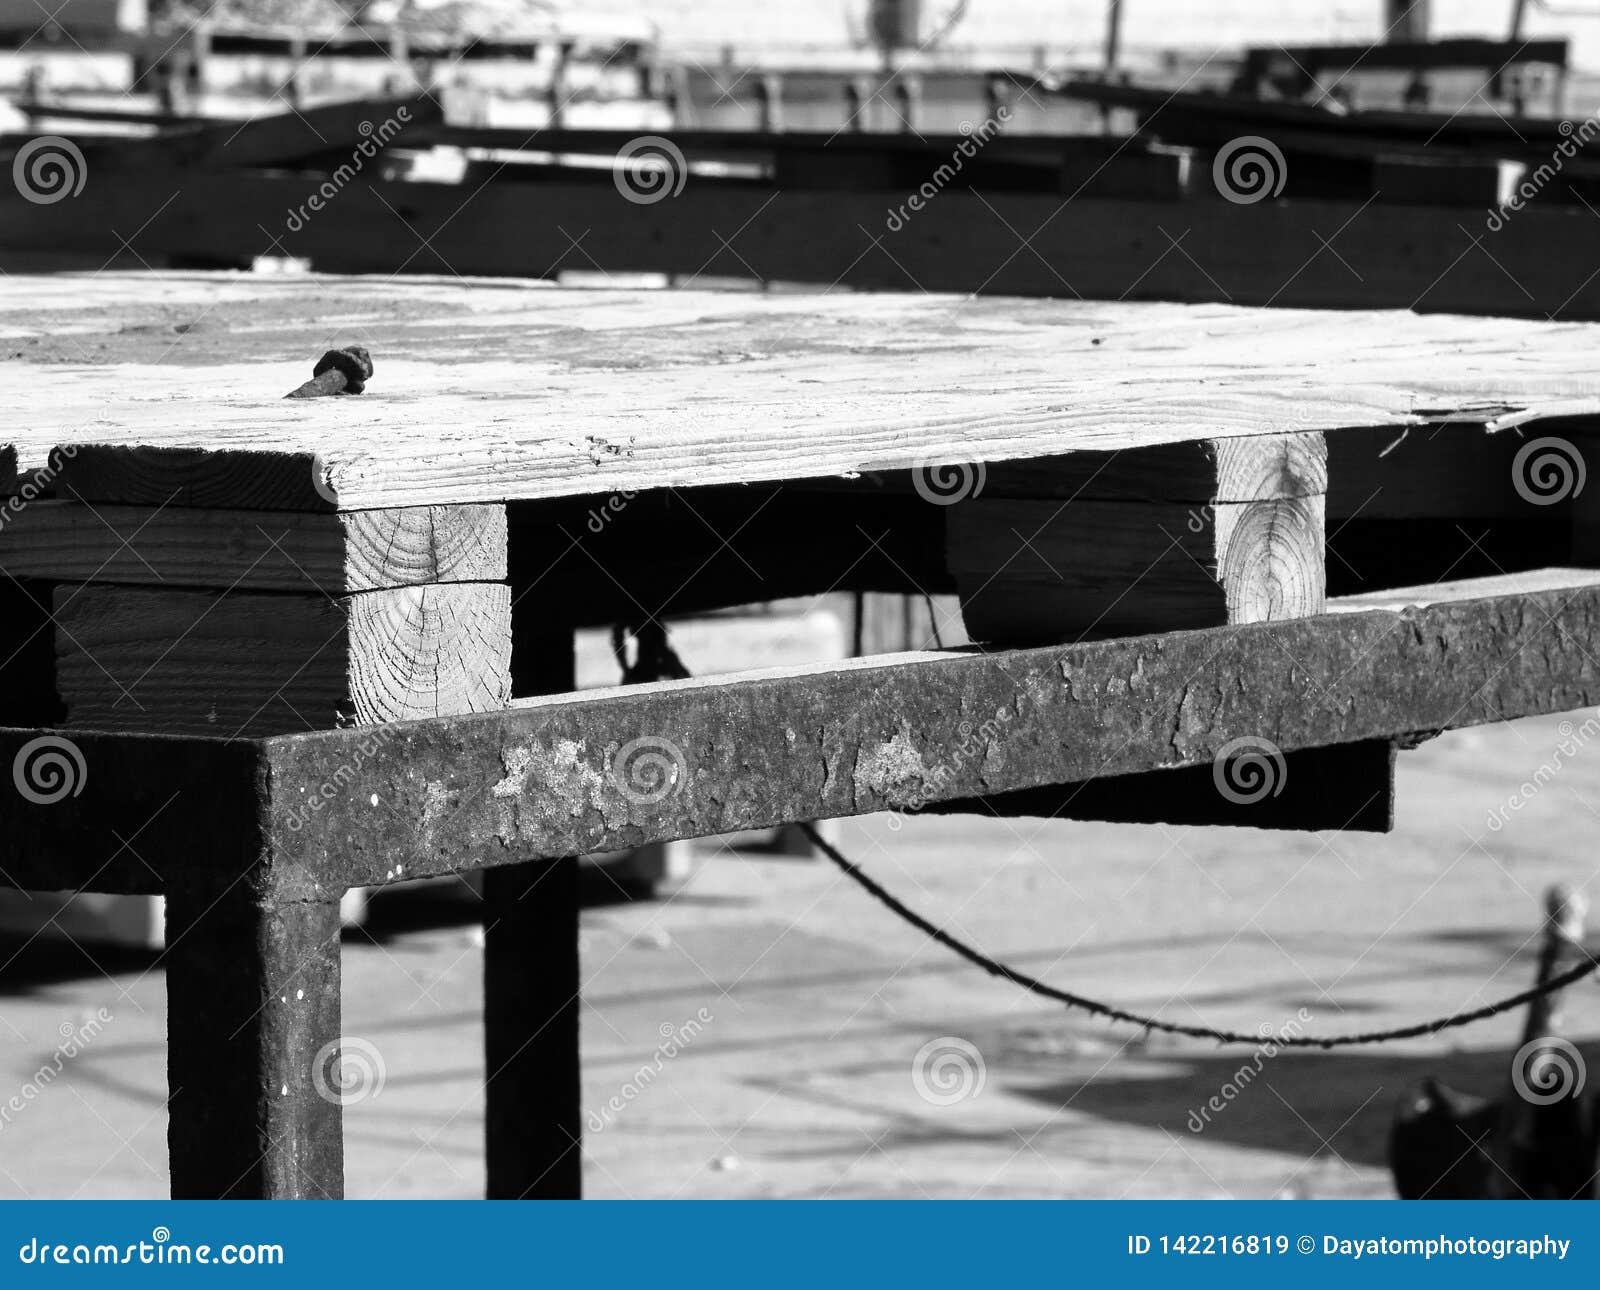 Structure en bois de construction dans un site industriel, dehors, avec le métal rouillé, en noir et blanc